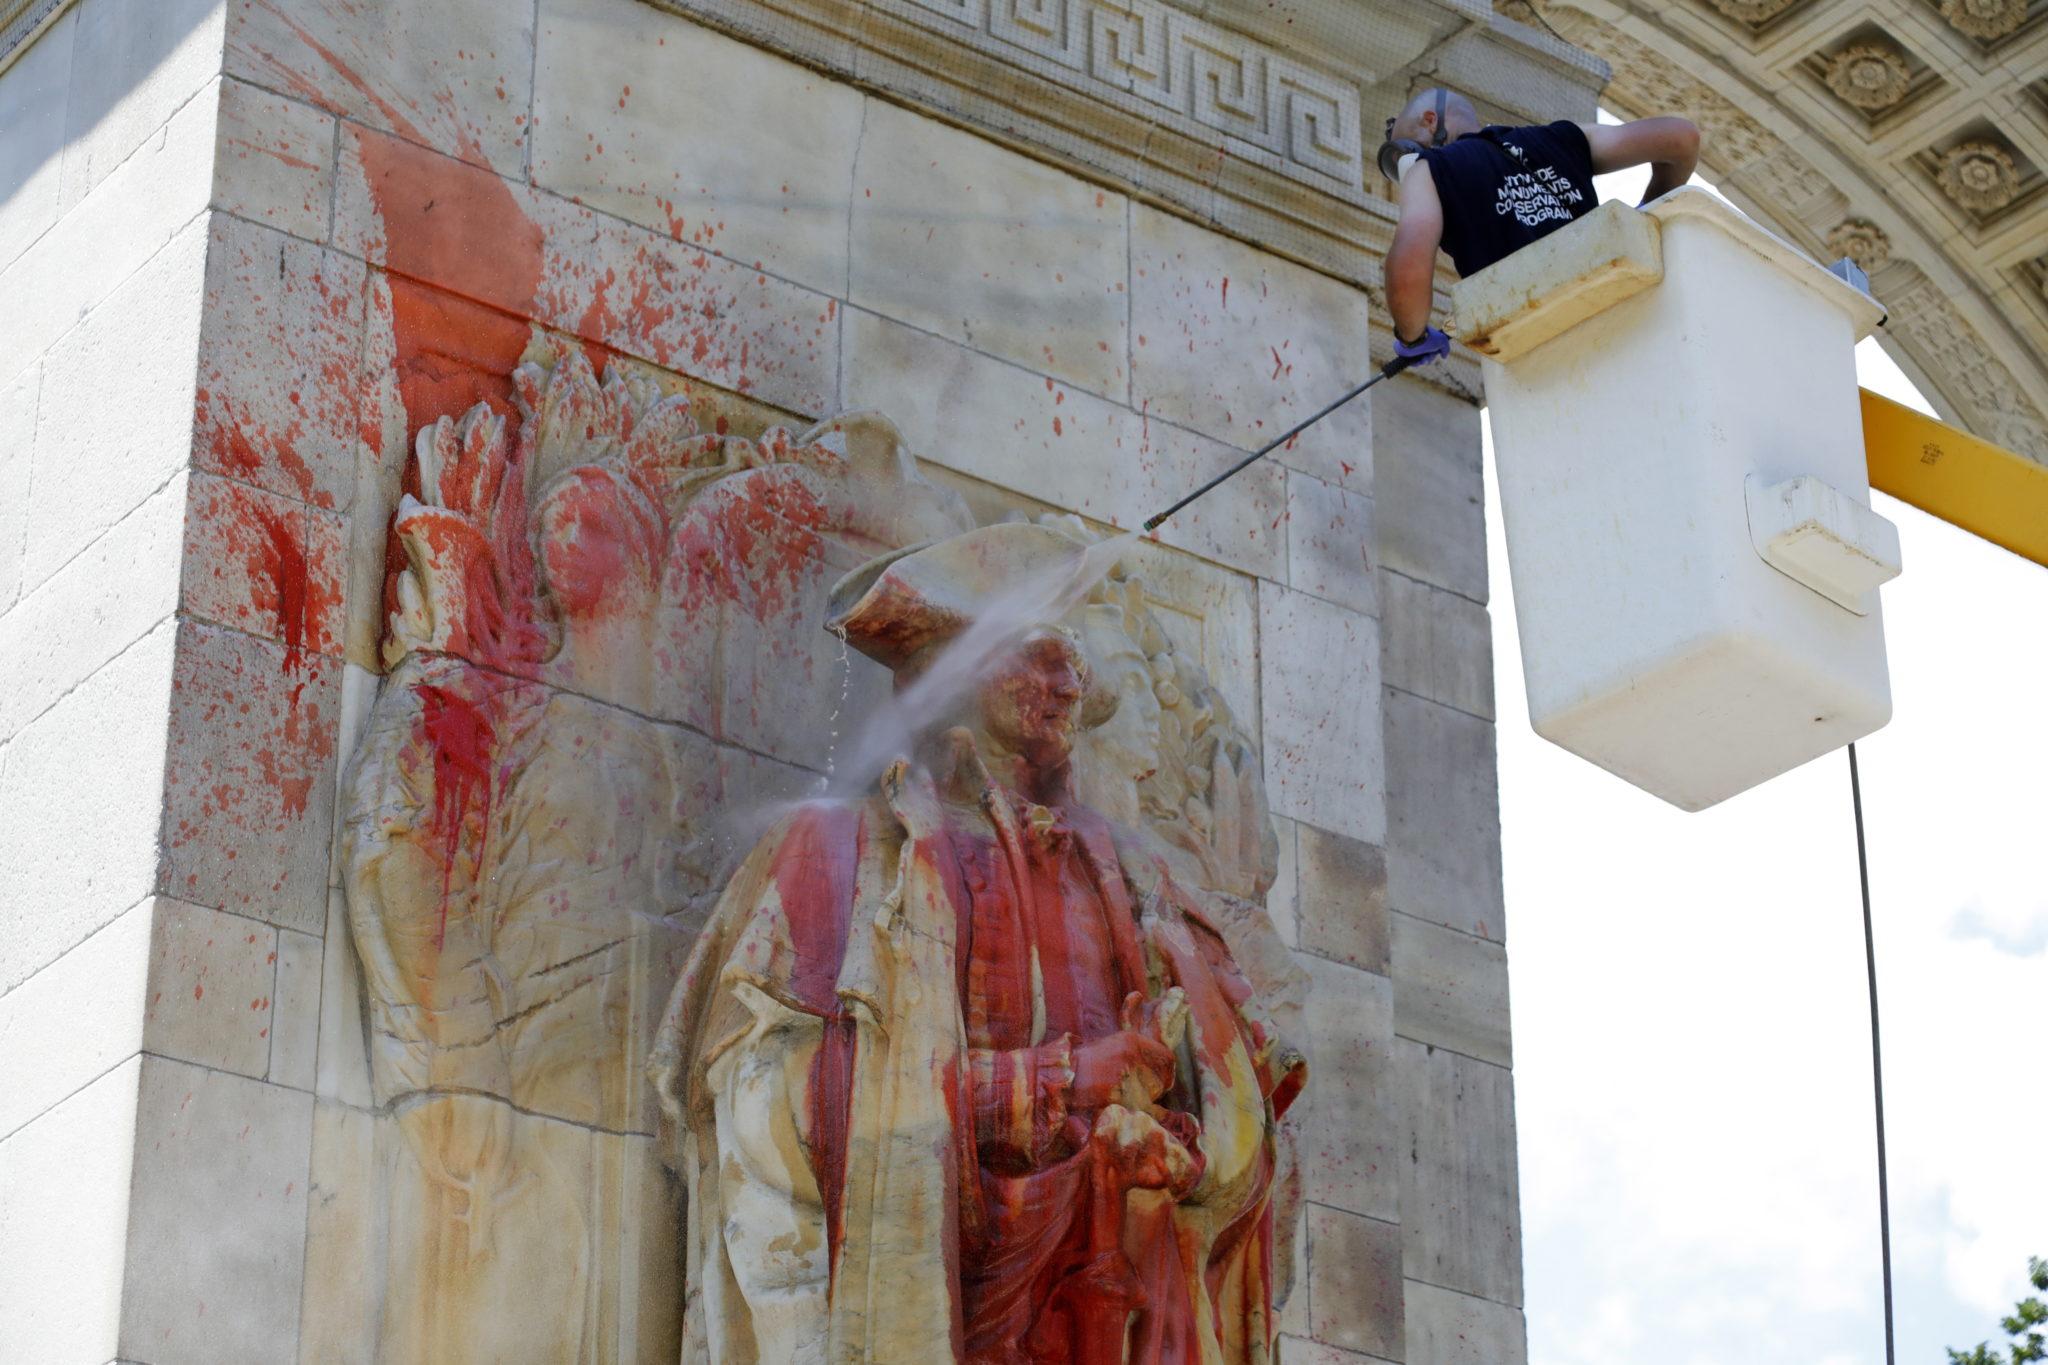 Nowy Jork: czyszczenie posągu prezydenta USA George'a Washingtona po tym, jak posąg został oblany czerwoną farbą, fot. EPA / JASON SZENEs